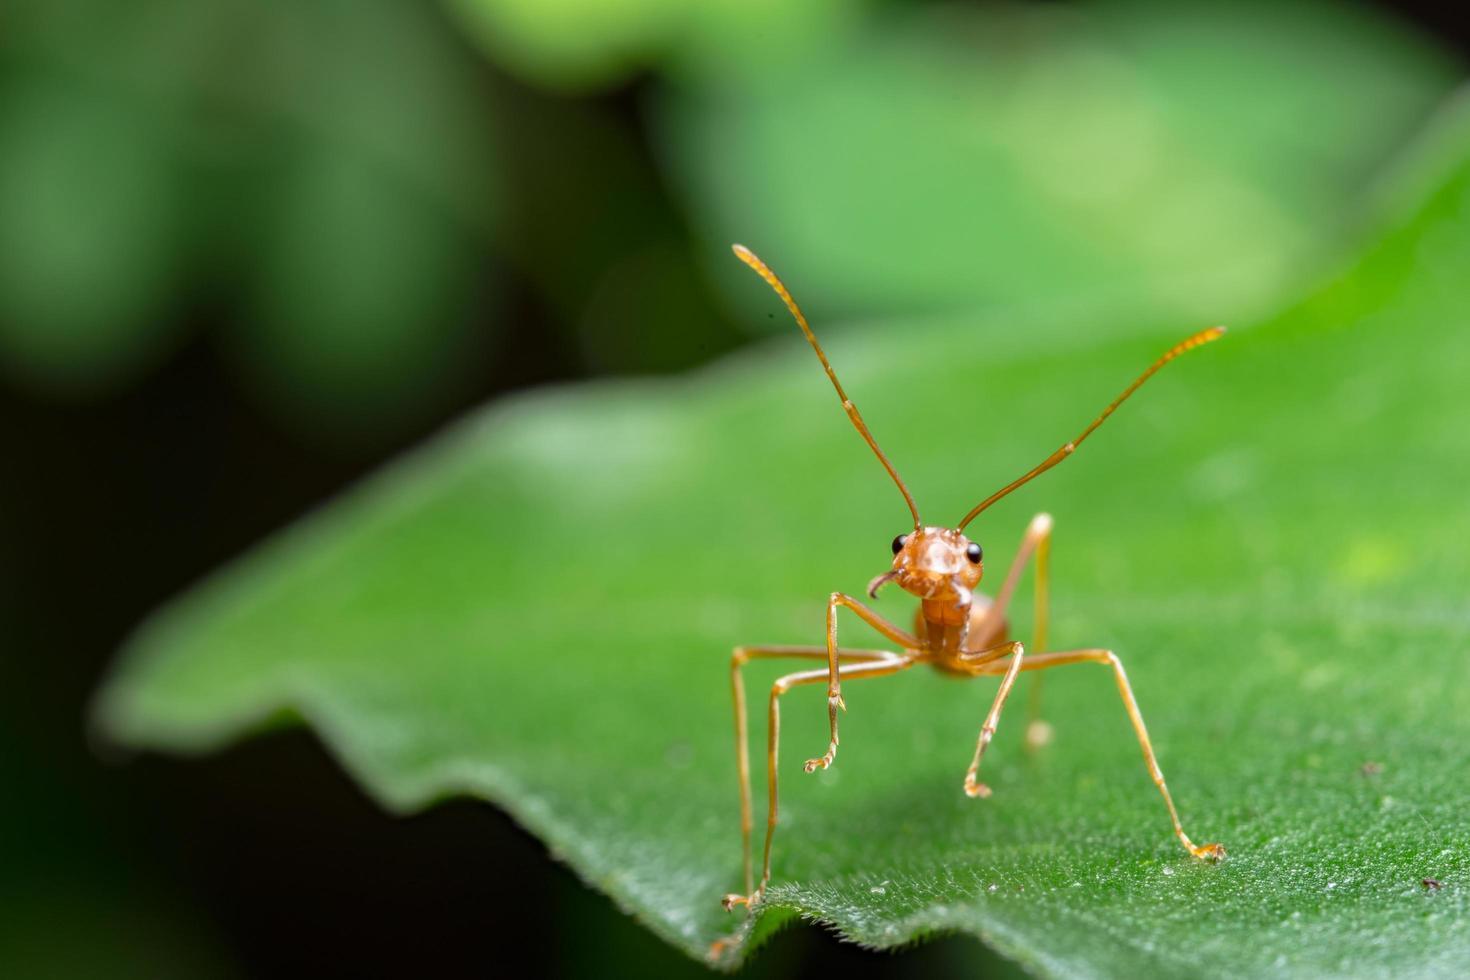 een rode mier van dichtbij bekijken foto